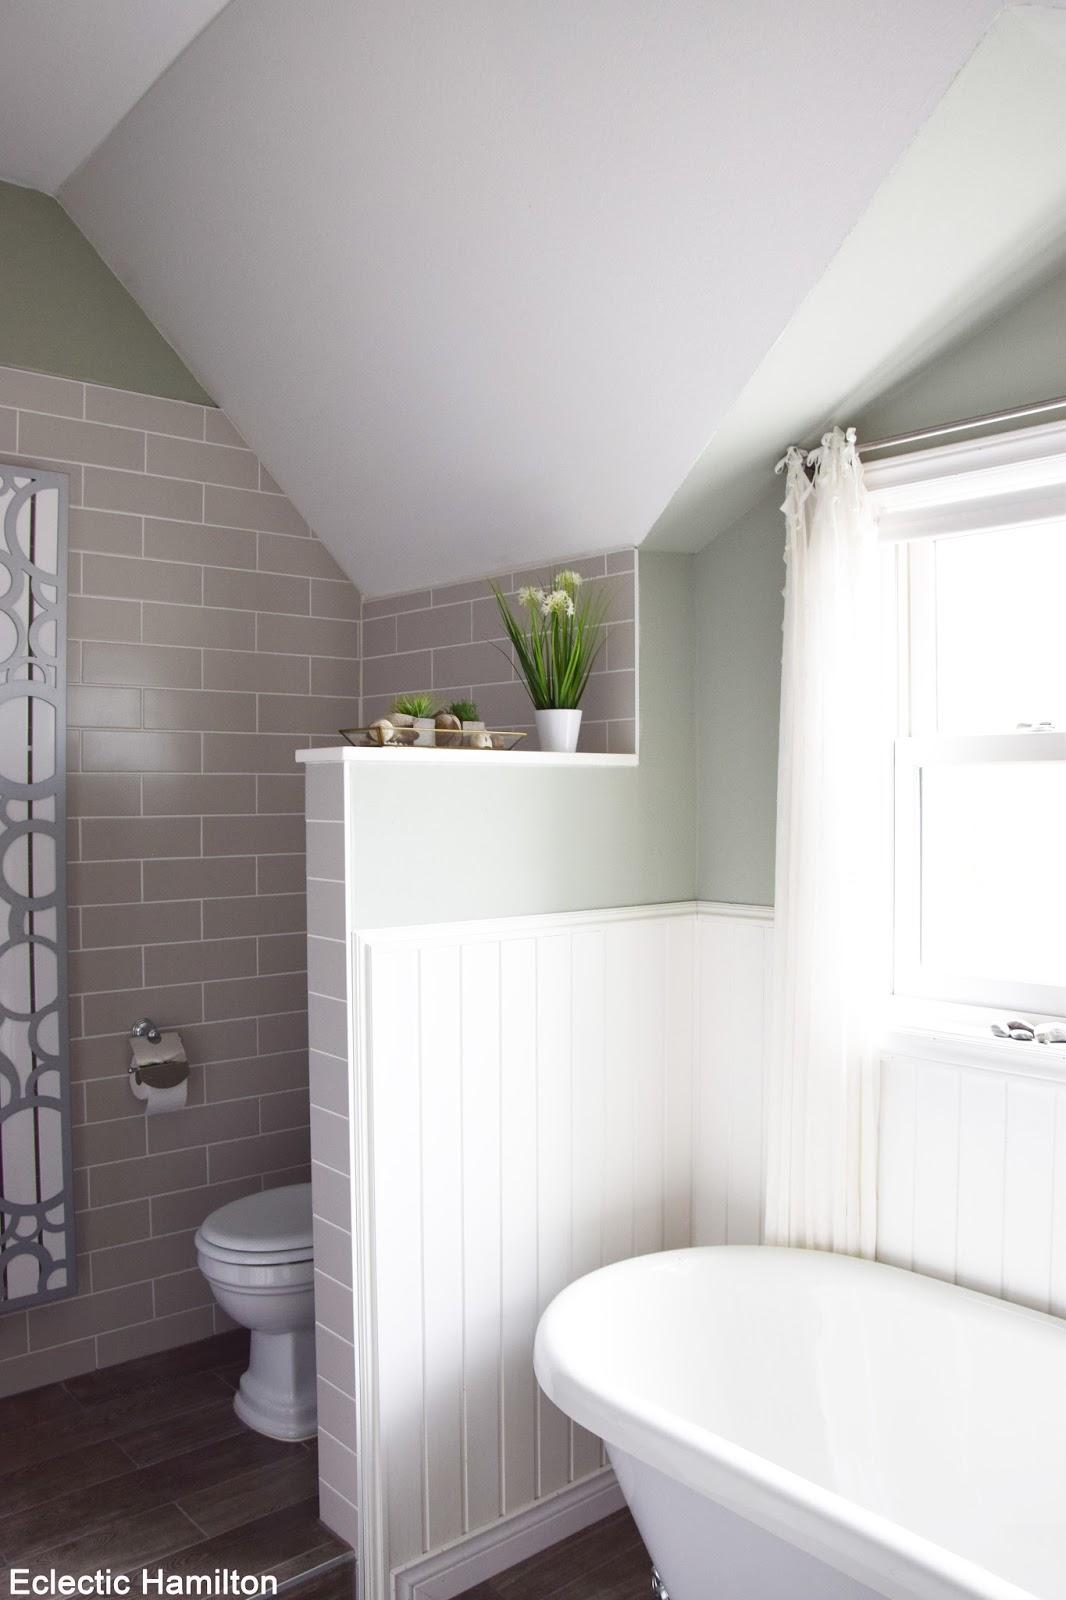 pflanzen f r mein badezimmer und einblicke endlich mal wieder eclectic hamilton. Black Bedroom Furniture Sets. Home Design Ideas